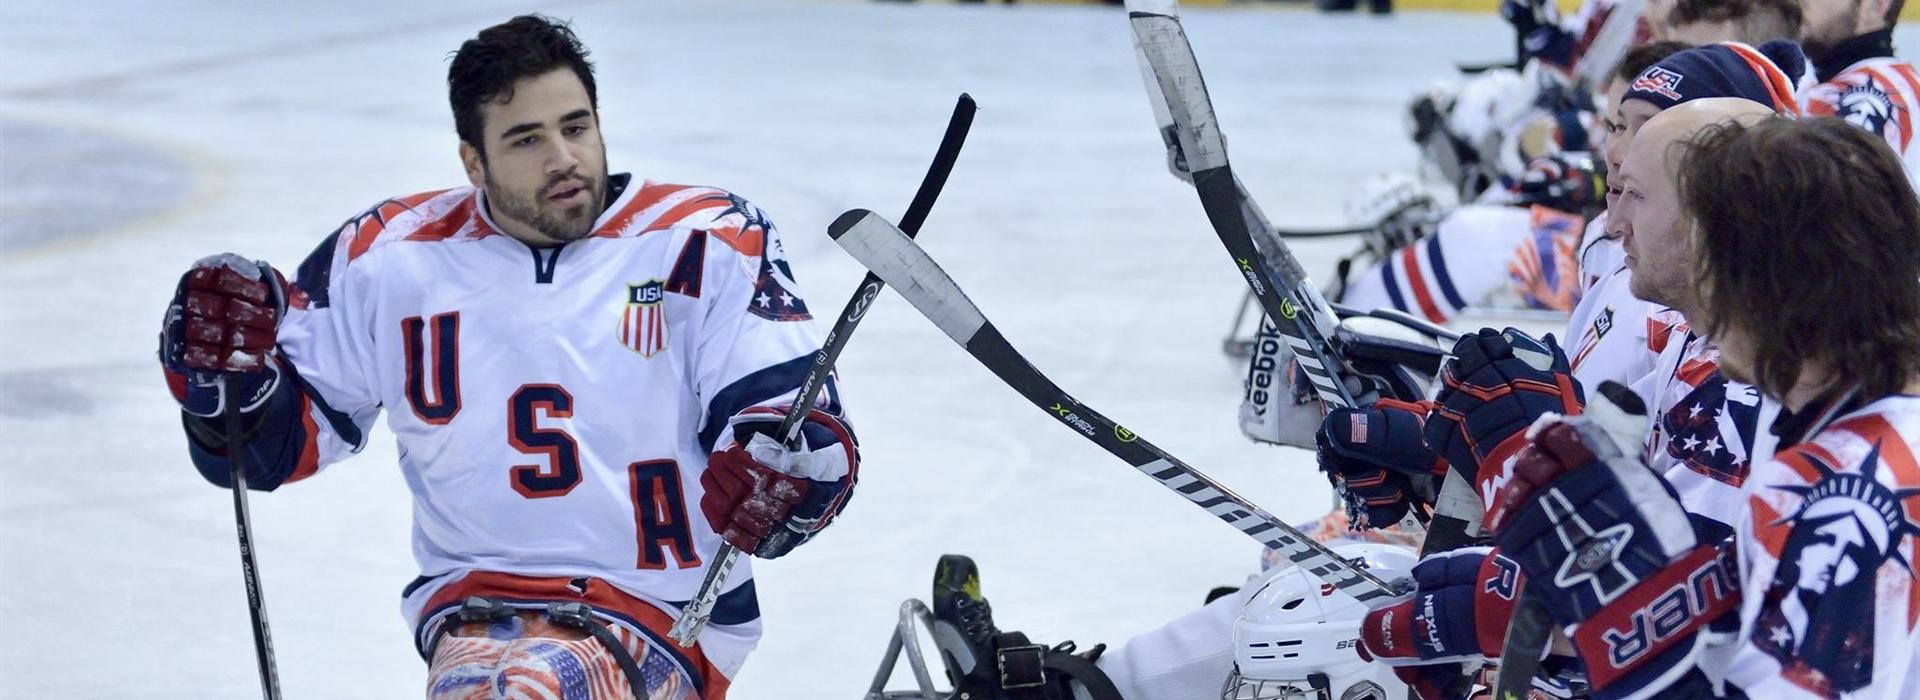 Nikko Landeros_sled hockey